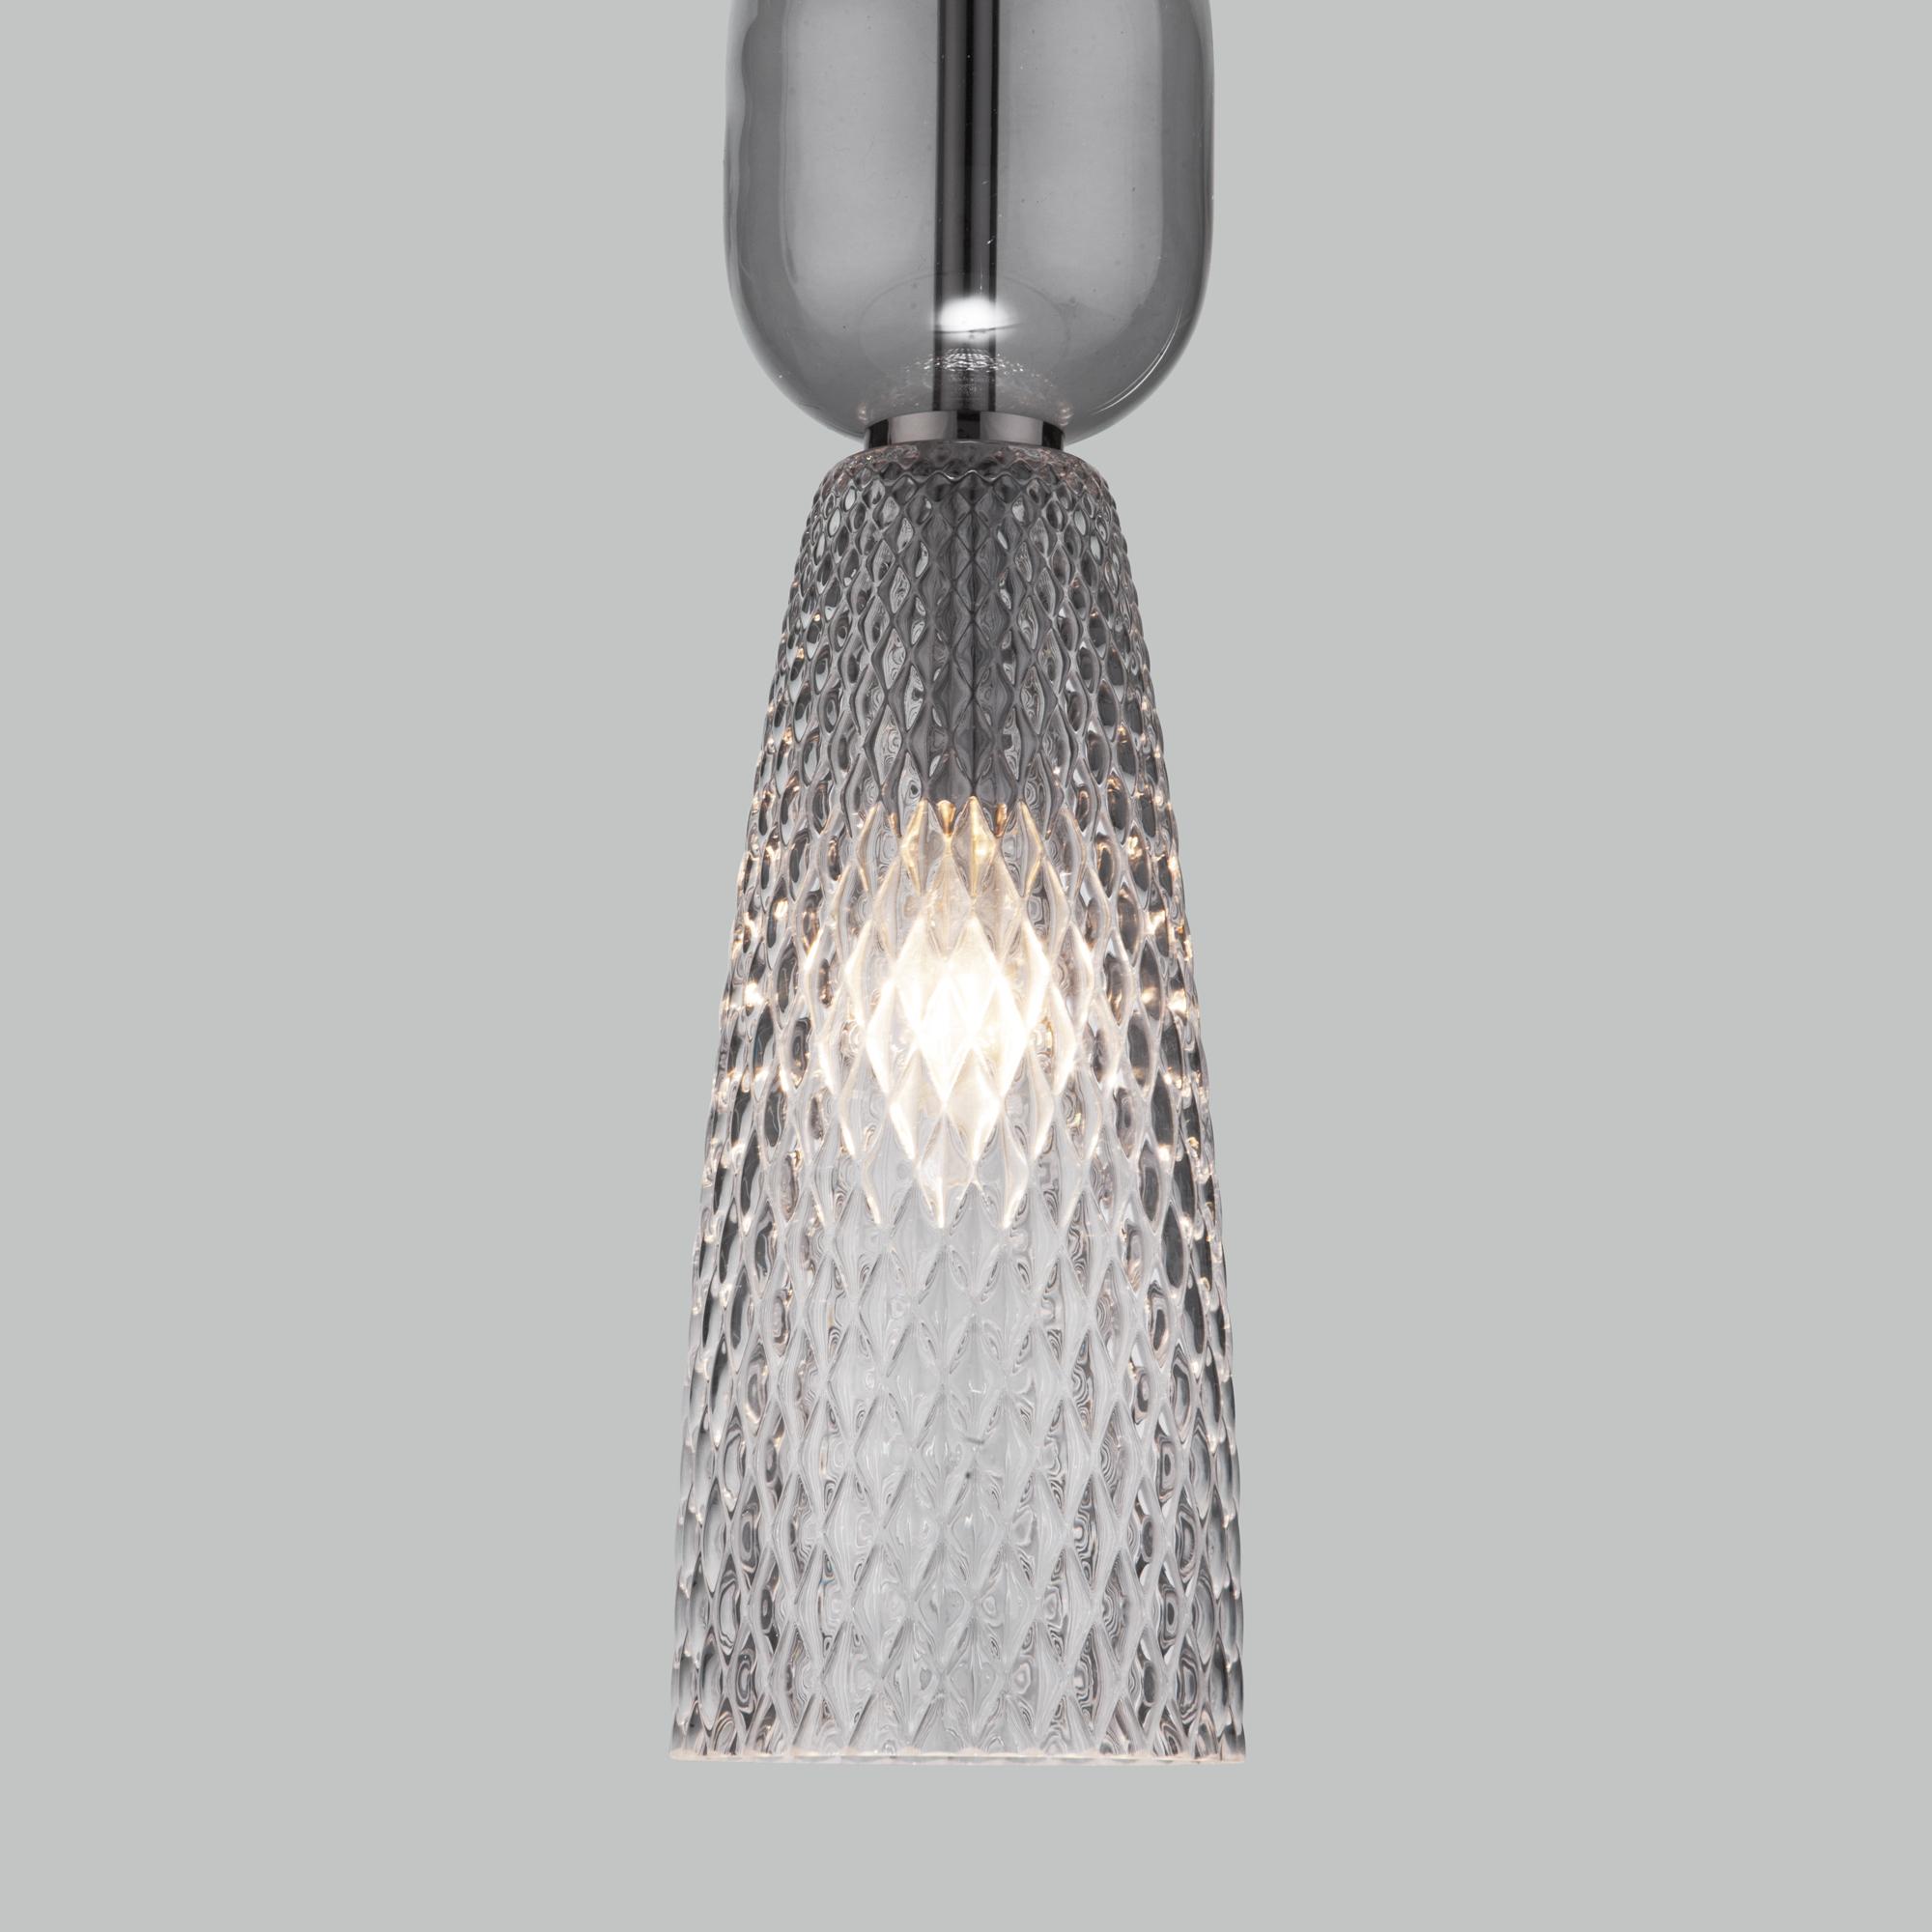 Подвесной светильник со стеклянным плафоном 50211/1 дымчатый